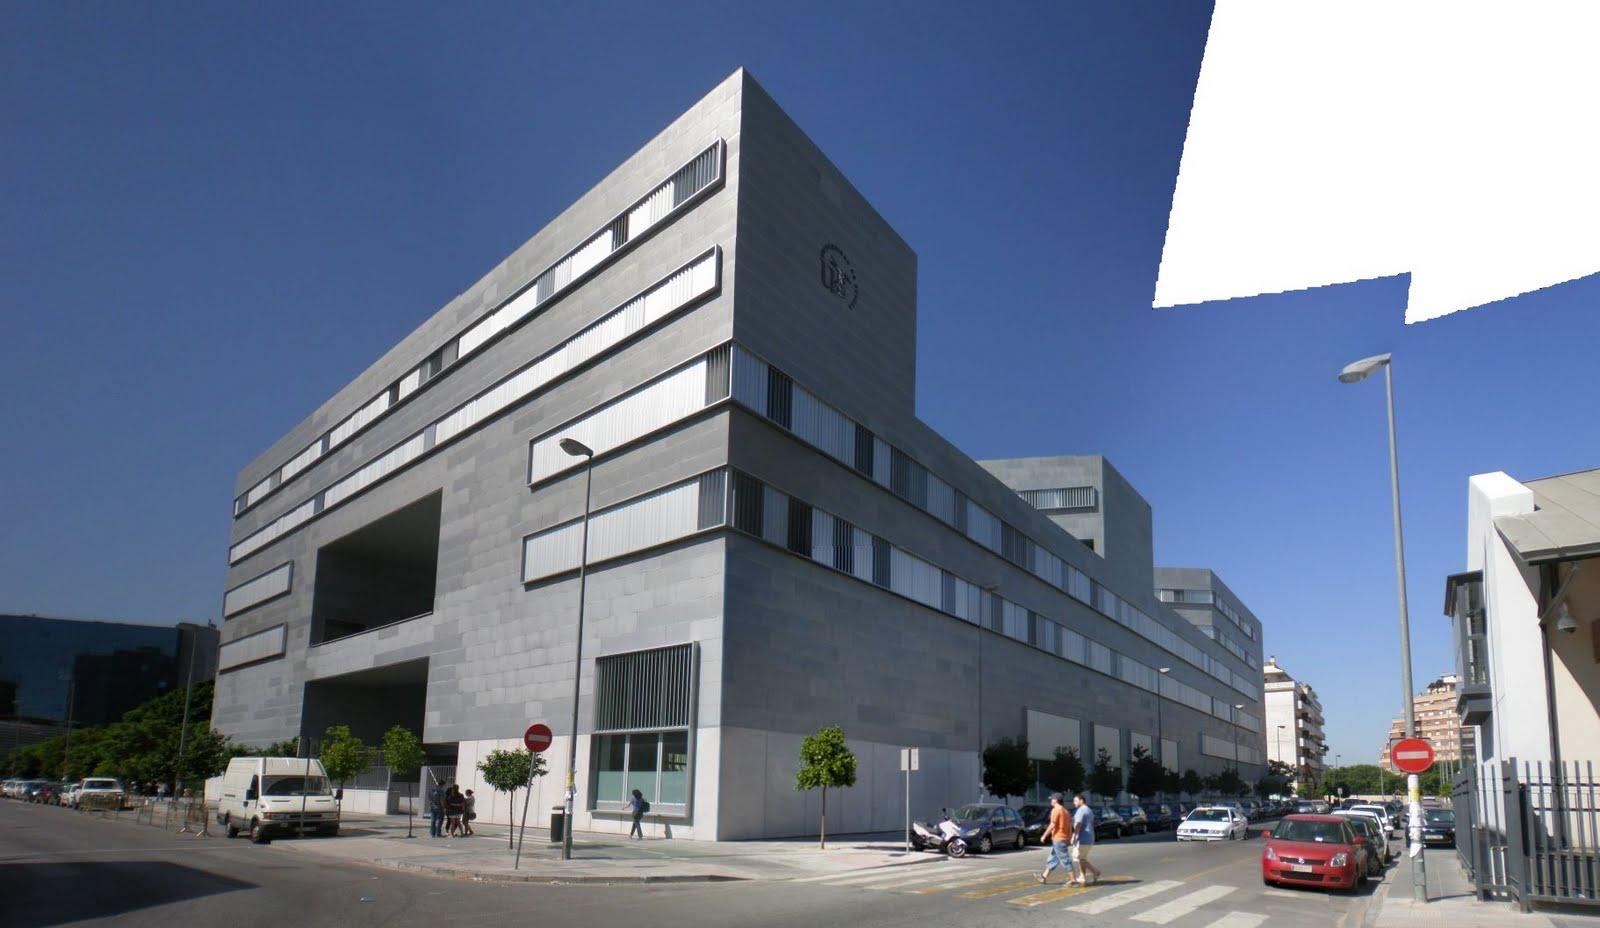 Sevilla arquitectura facultad de ciencias de la educaci n - Arquitectura sevilla ...